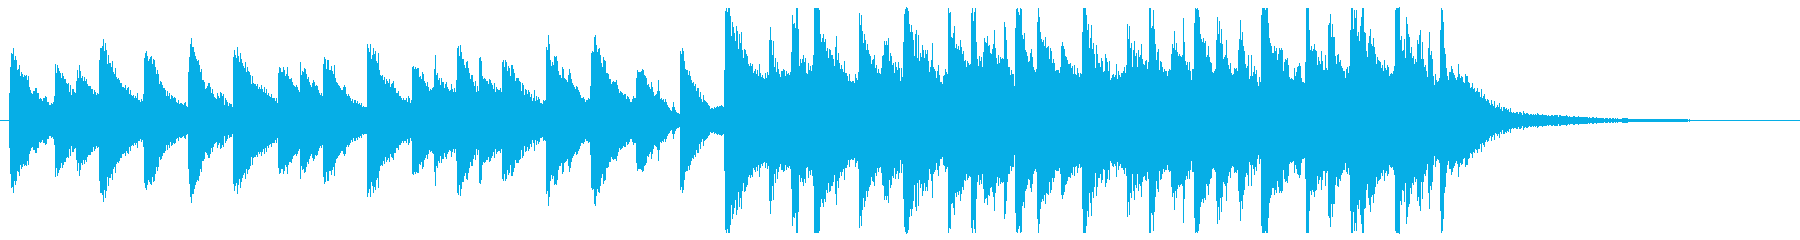 悲壮感が漂うゲームオーバー楽曲の再生済みの波形